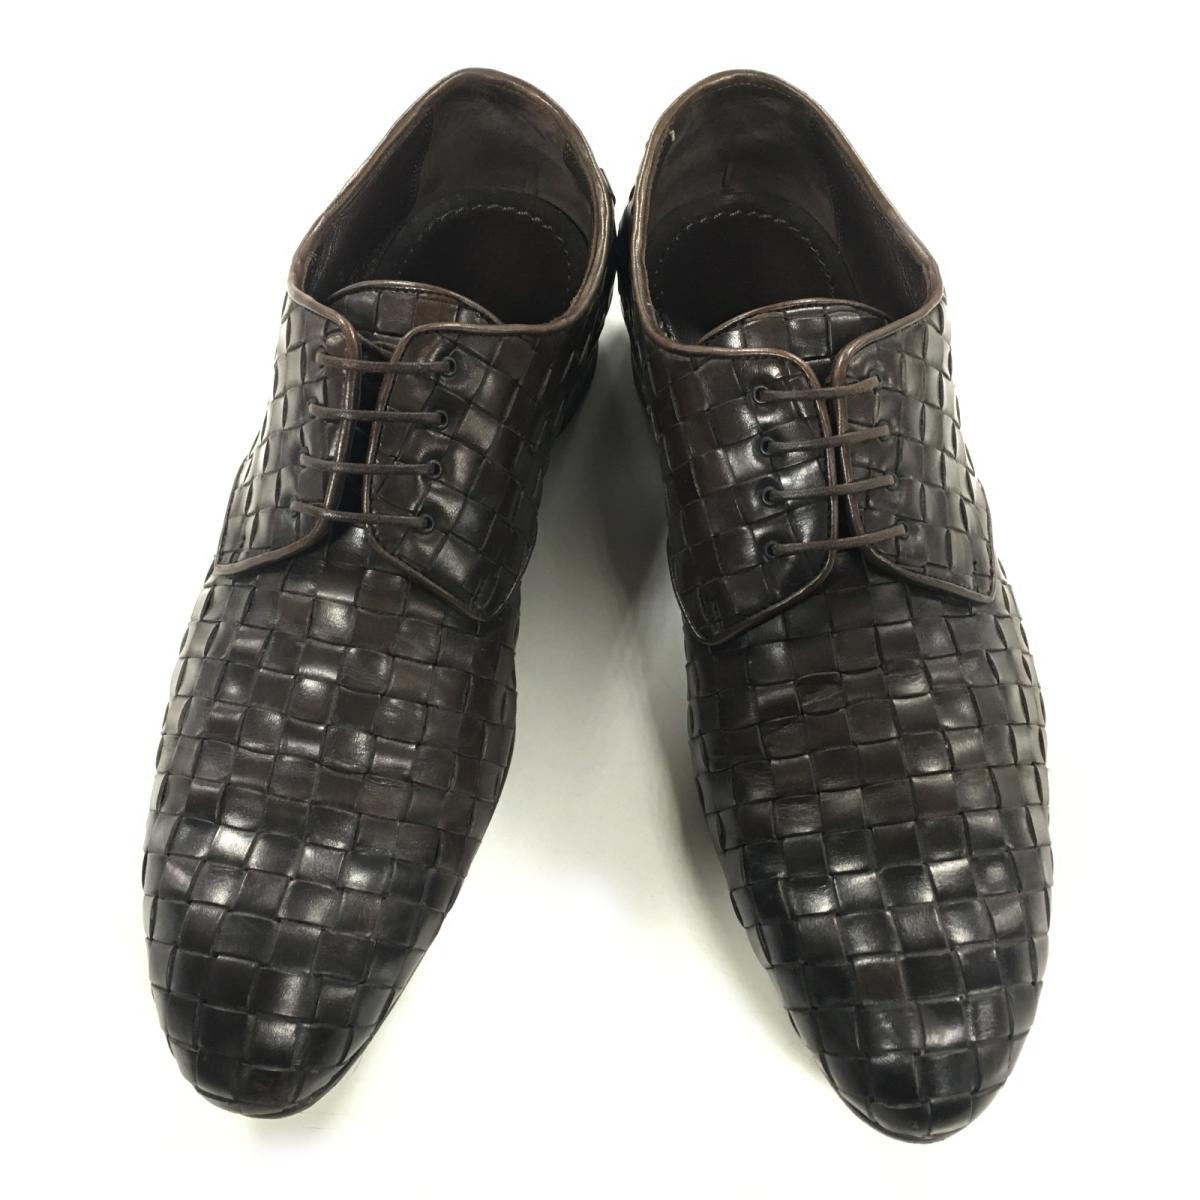 【中古】 ルイヴィトン レザーシューズ 靴 メンズ レザー | LOUIS VUITTON ヴィトン ビトン ルイ・ヴィトン くつ 靴 レザーシューズ ブランドオフ